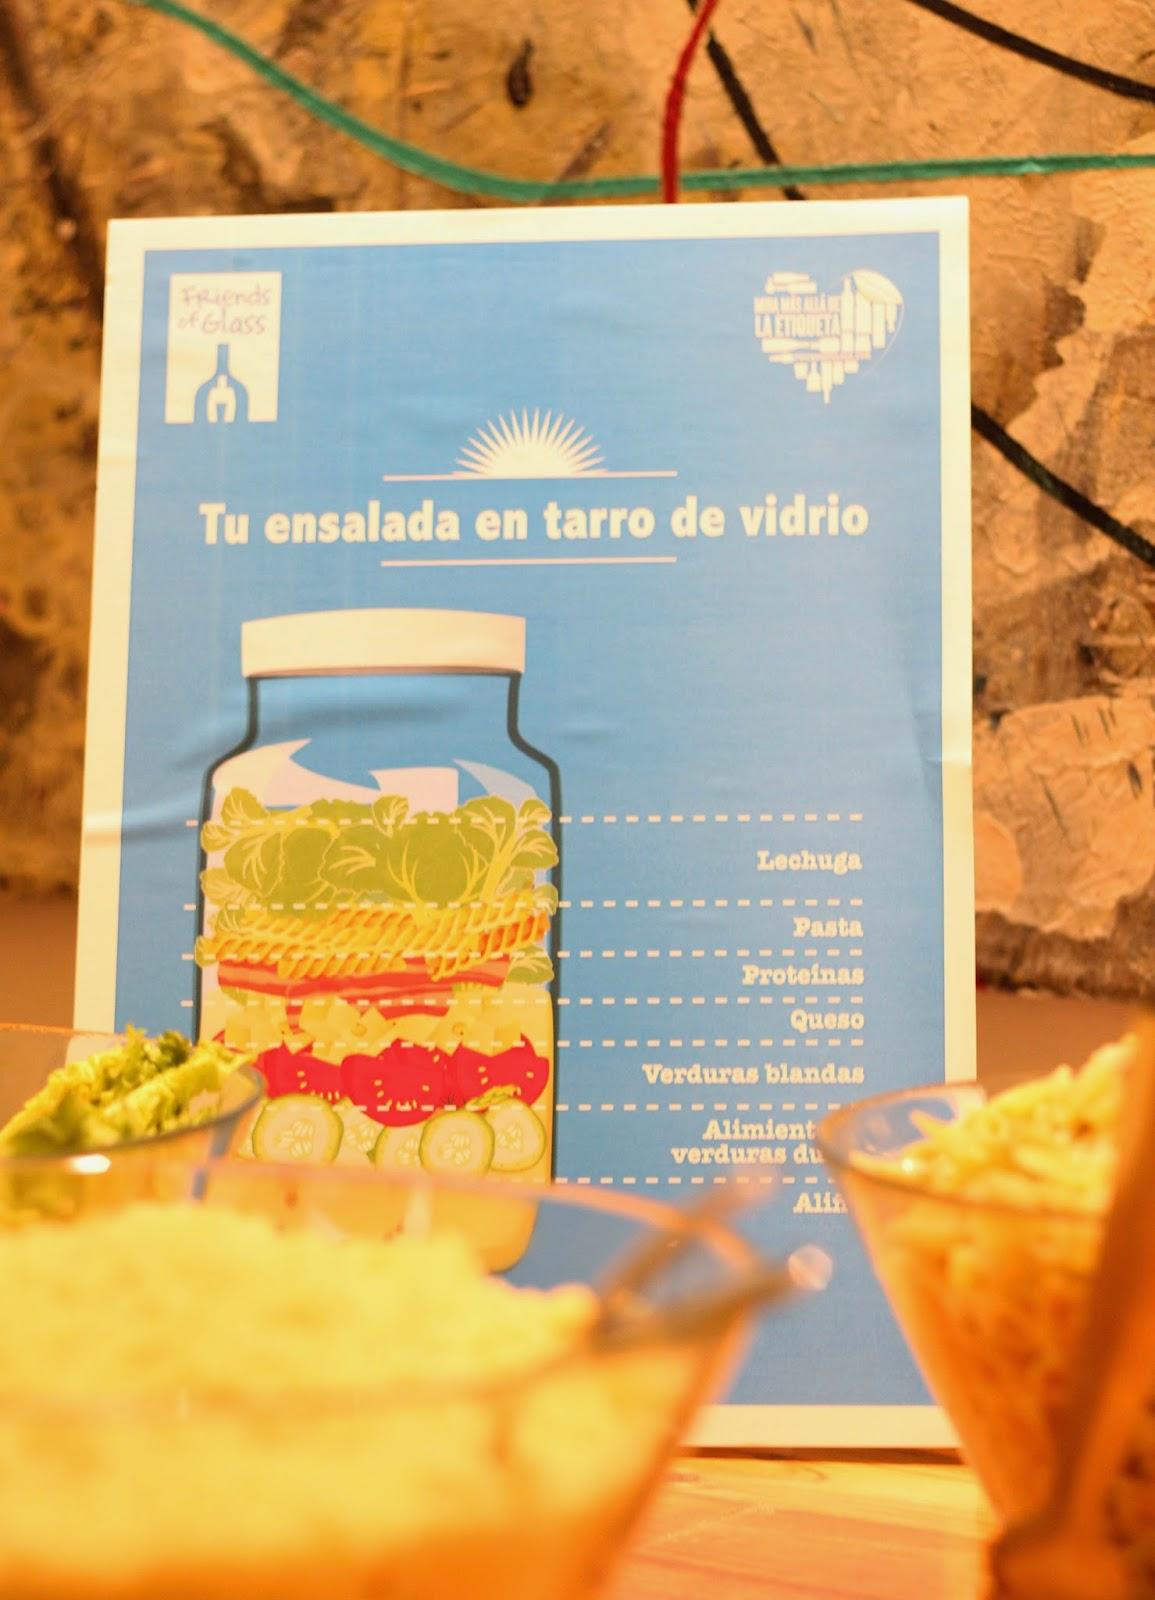 photo-friends_of_glass-España-conservar_en_vidrio-ensaladas